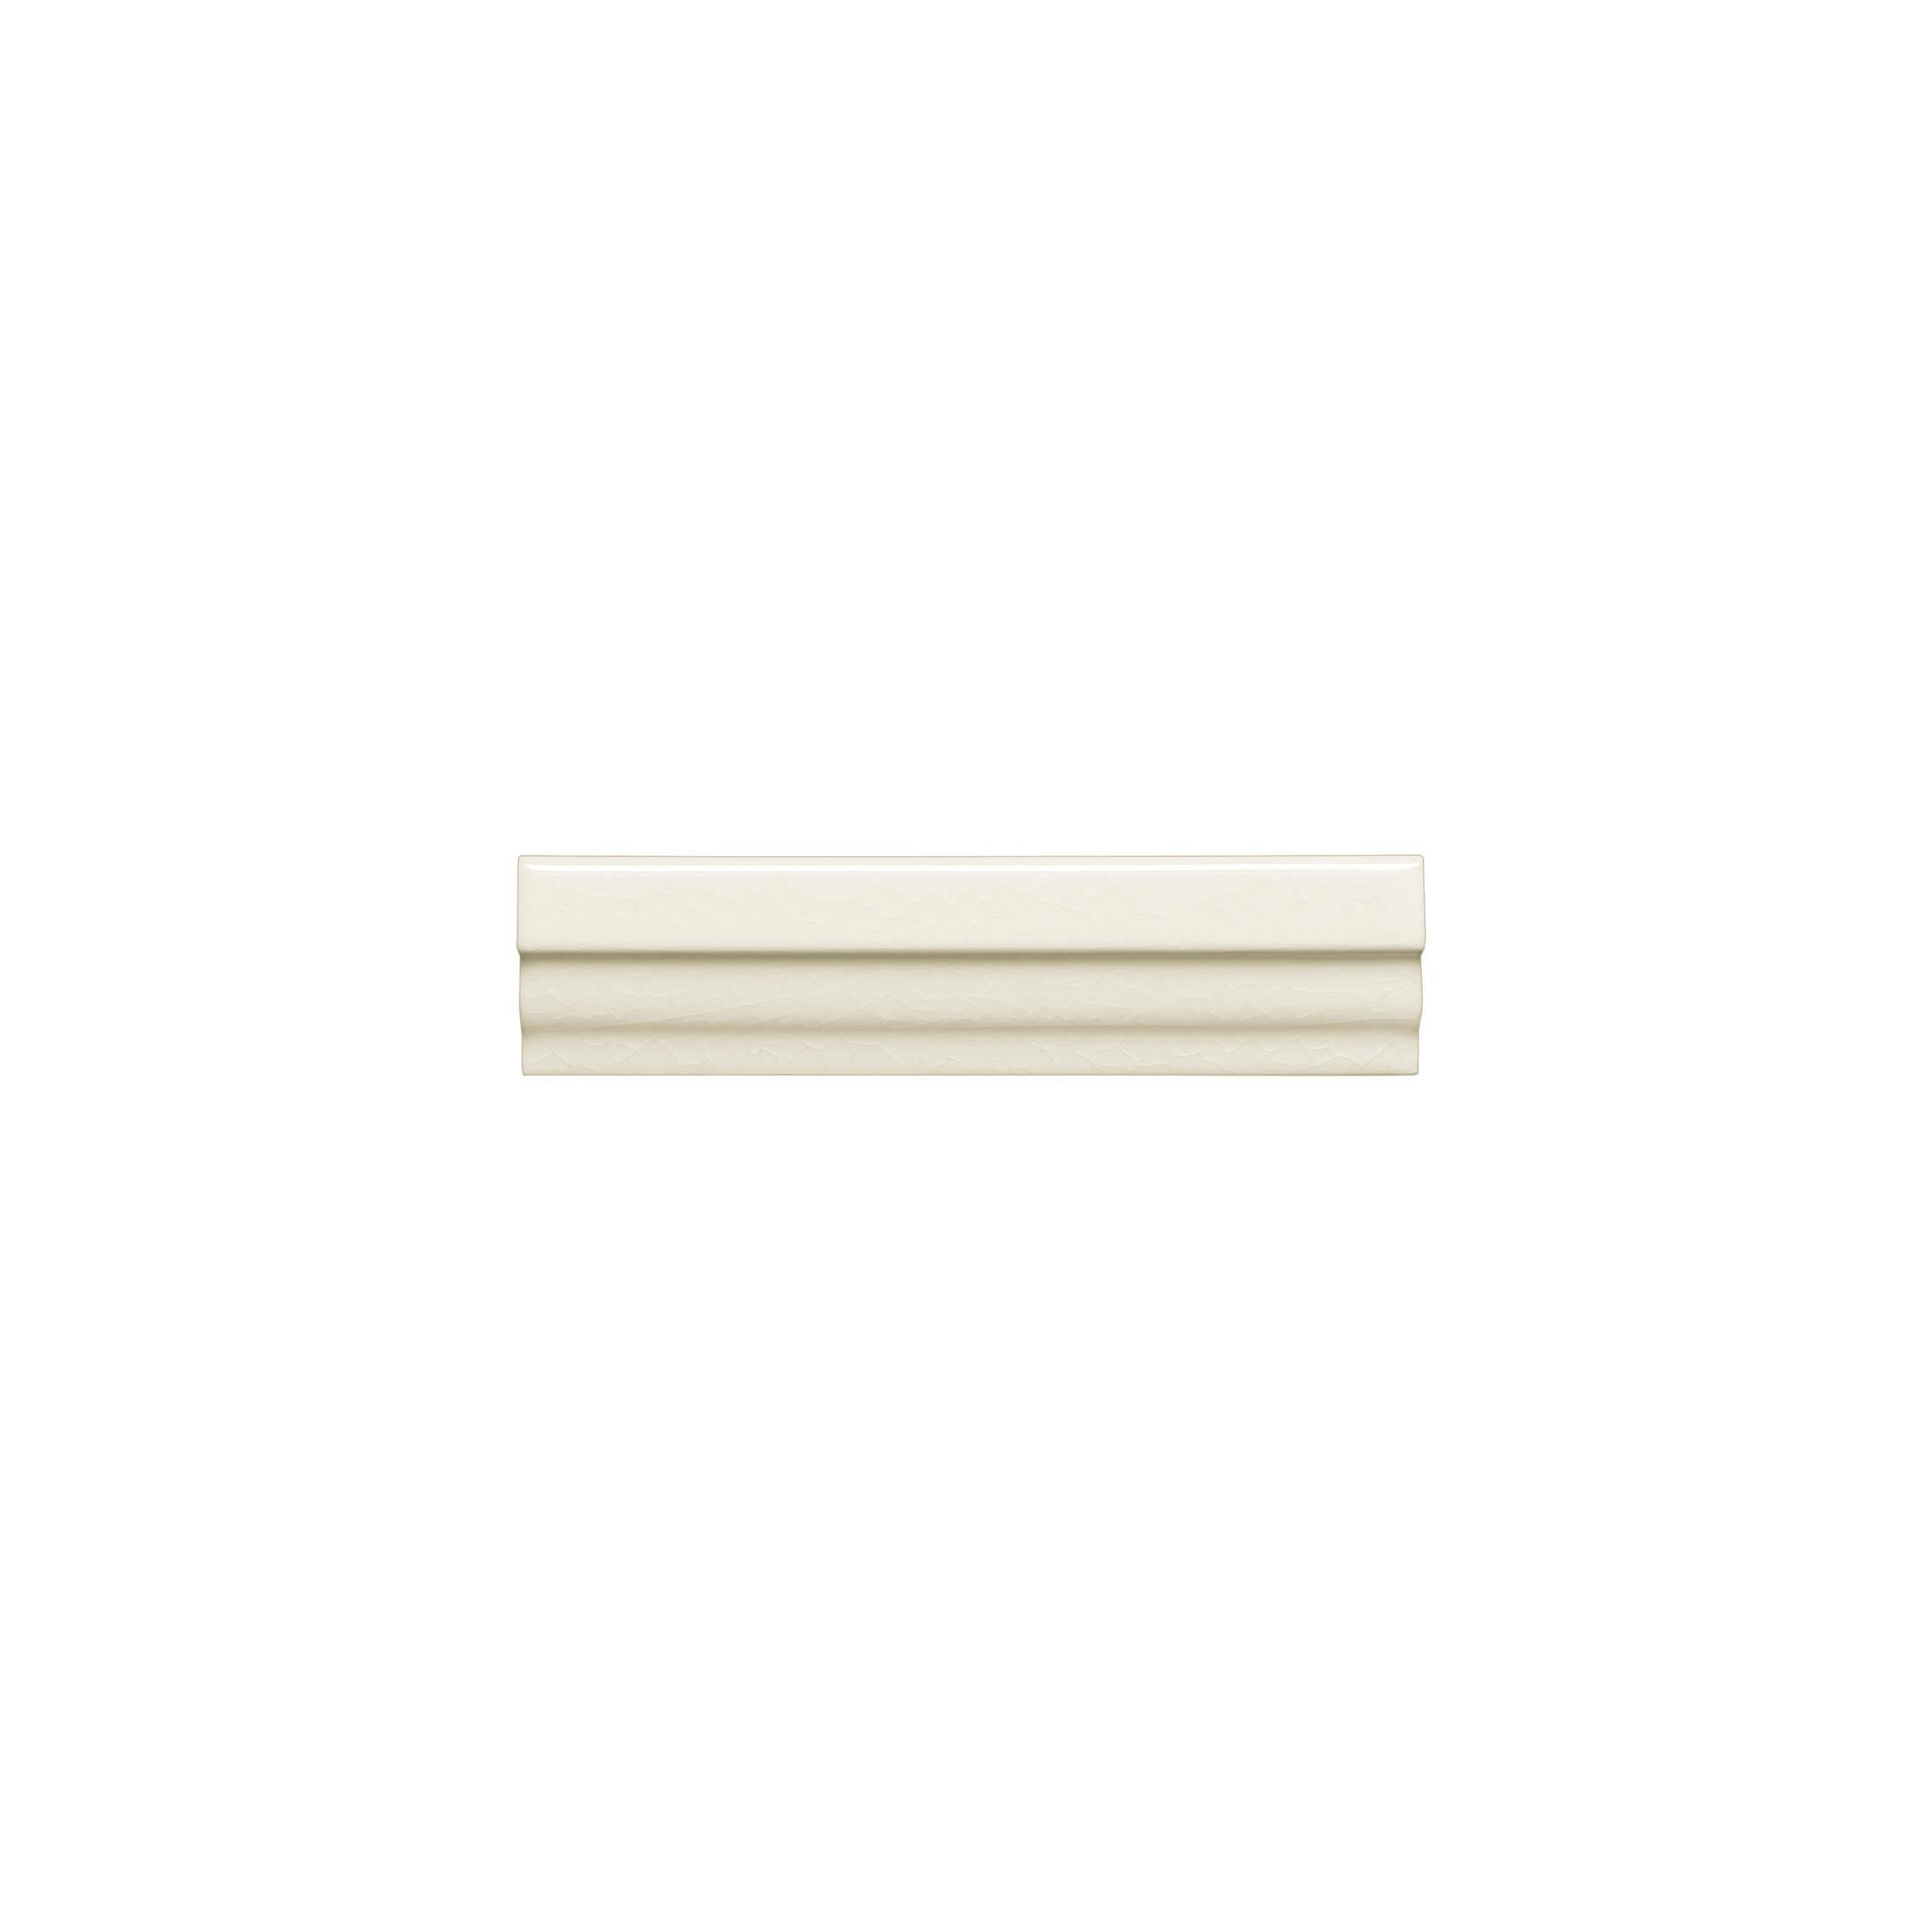 ADMO5221 - CORNISA CLASICA C/C - 3.5 cm X 15 cm